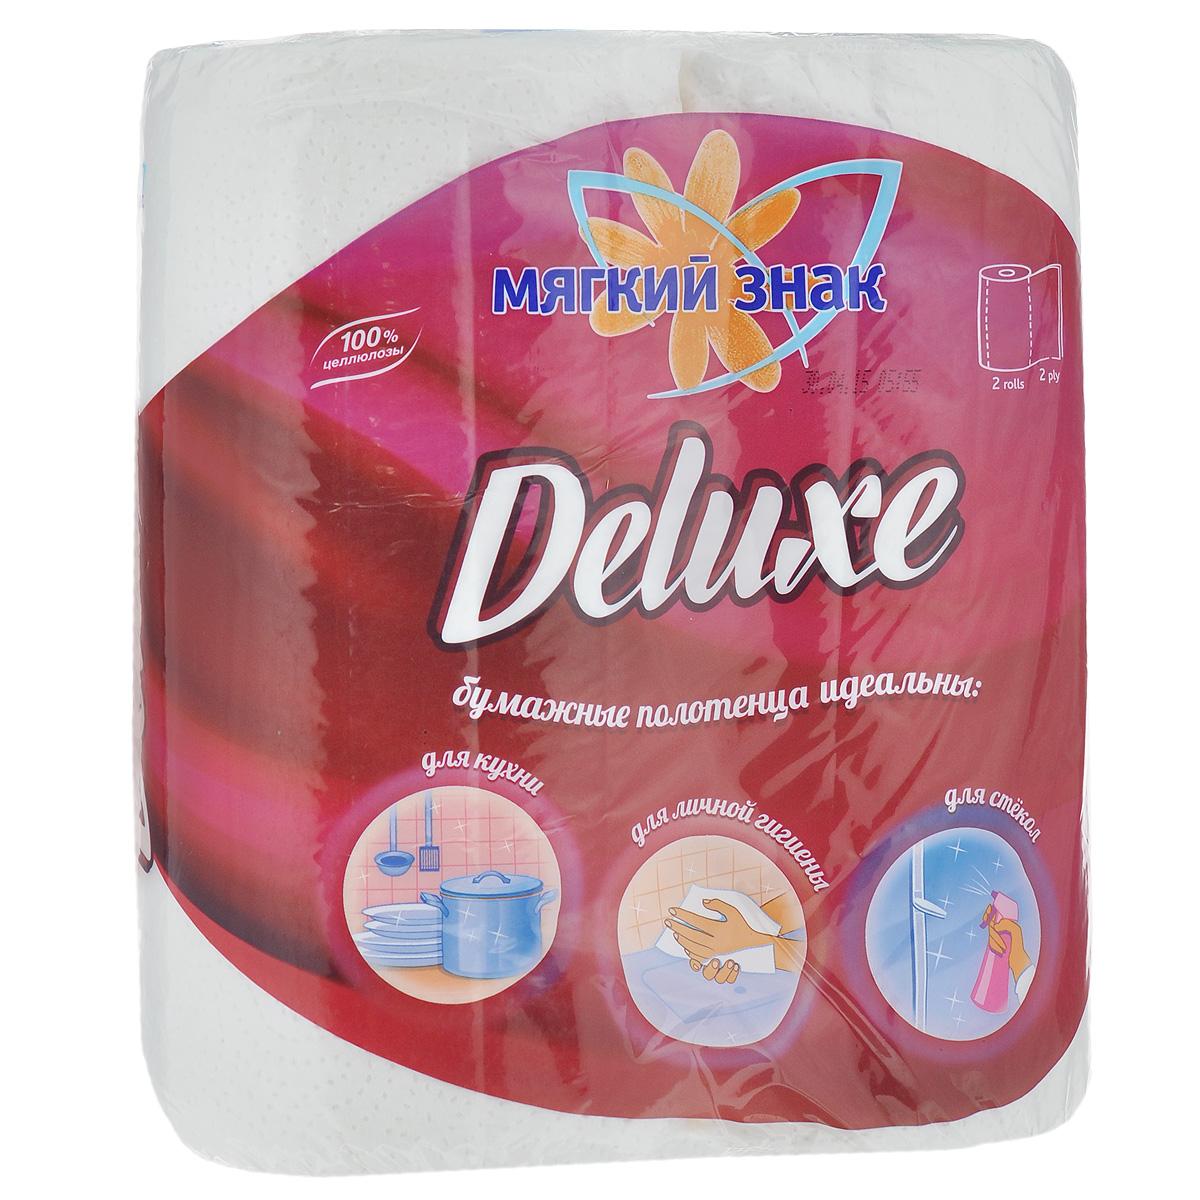 Полотенца бумажные Мягкий знак Deluxe, двухслойные, цвет: белый, 2 рулонаC40Бумажные полотенца Мягкий знак Deluxe созданы из экологически чистого волокна - 100% целлюлозы. Двухслойные. Хорошо впитывают влагу и идеально подходят для ежедневного использования. Количество листов: 48 шт. Количество слоев: 2. Размер листа: 25 см х 23 см. Состав: 100% целлюлоза.